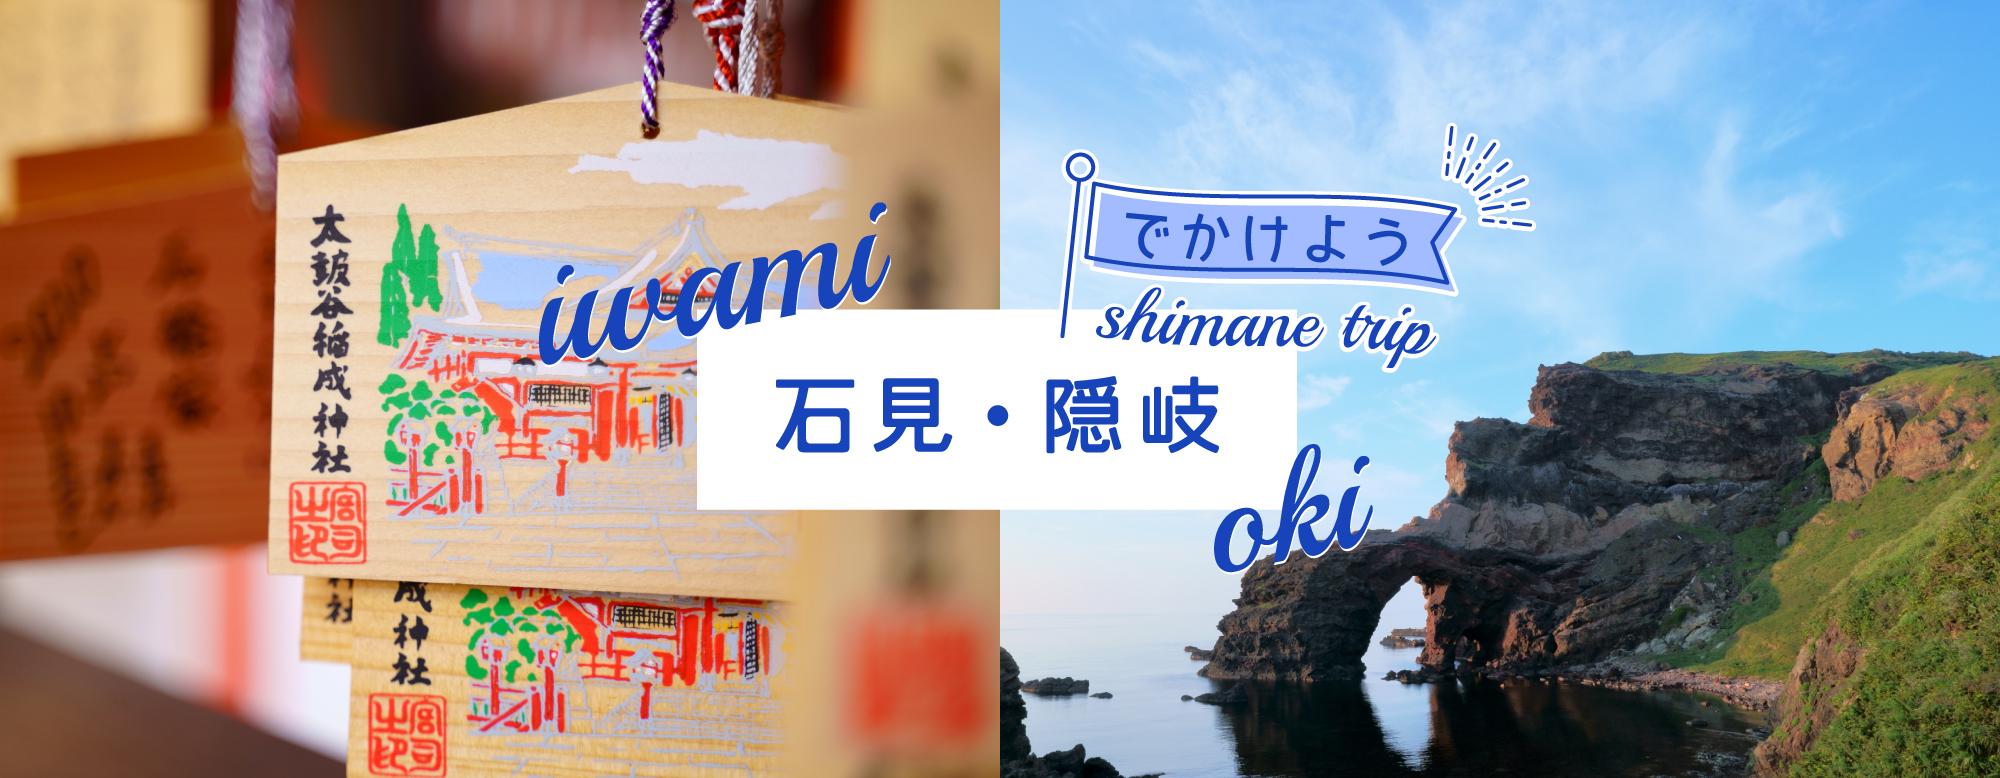 島根・鳥取県民必見!「#WeLove山陰キャンペーン」で、今注目の石見エリア・隠岐エリアへ出かけよう